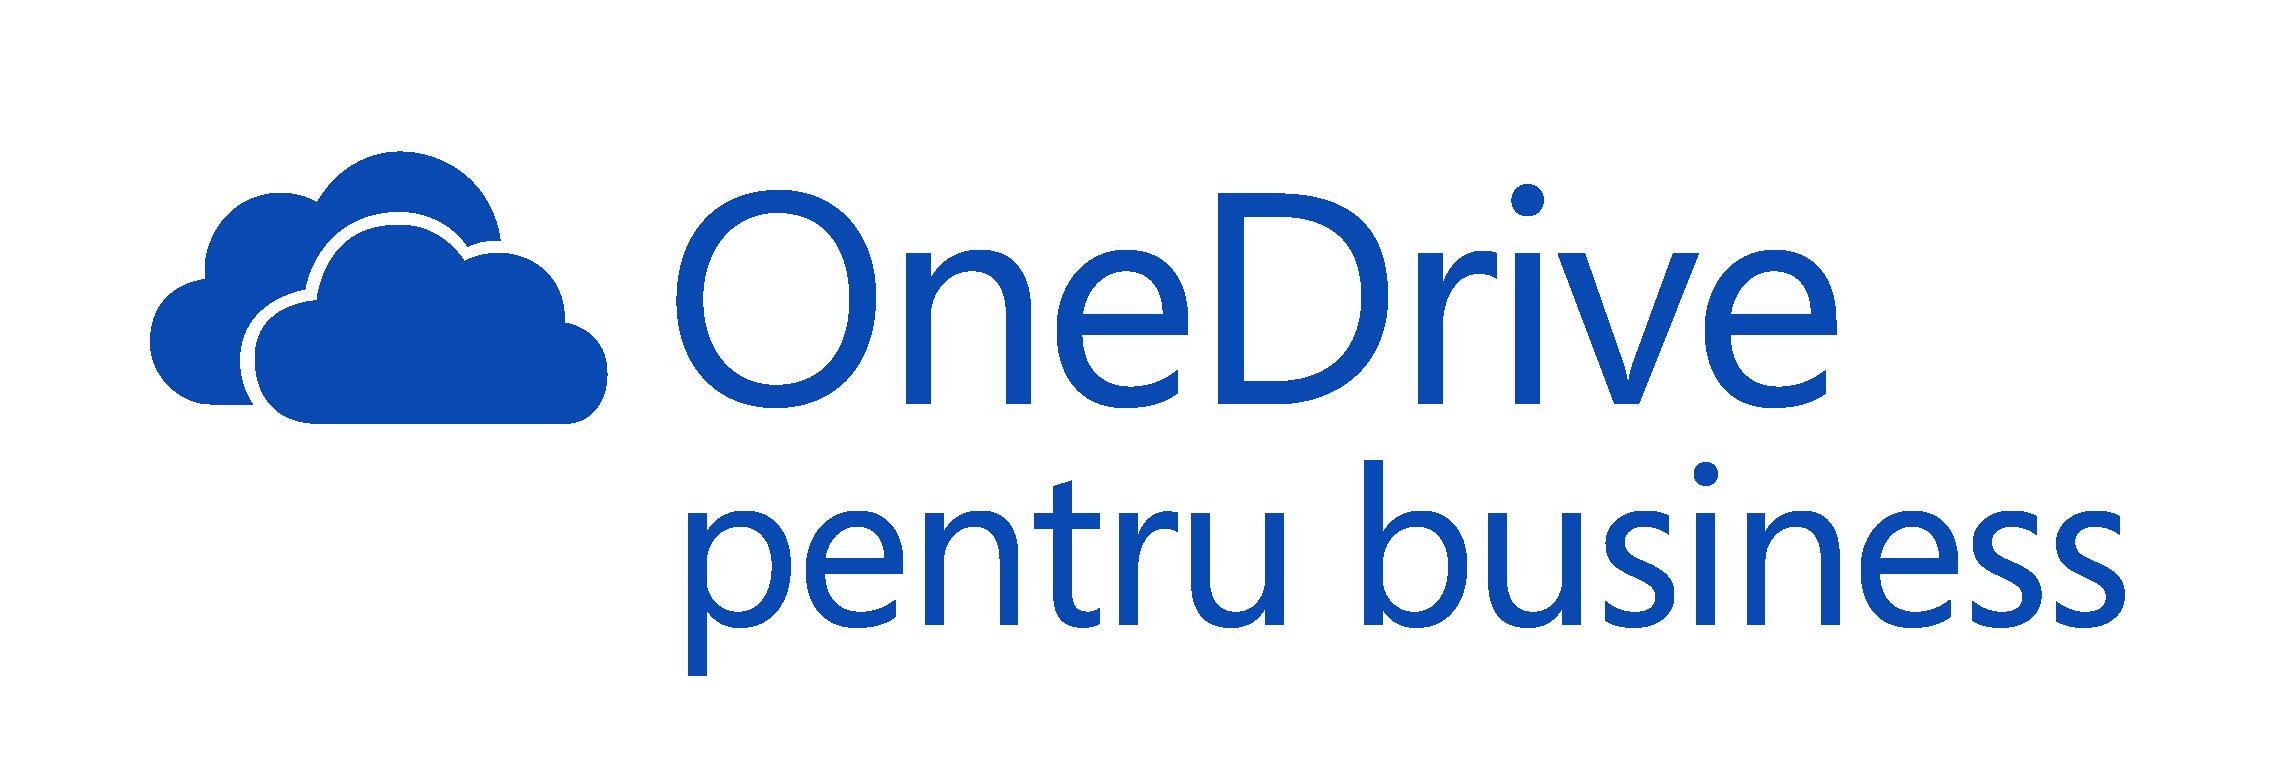 One Drive pentru business